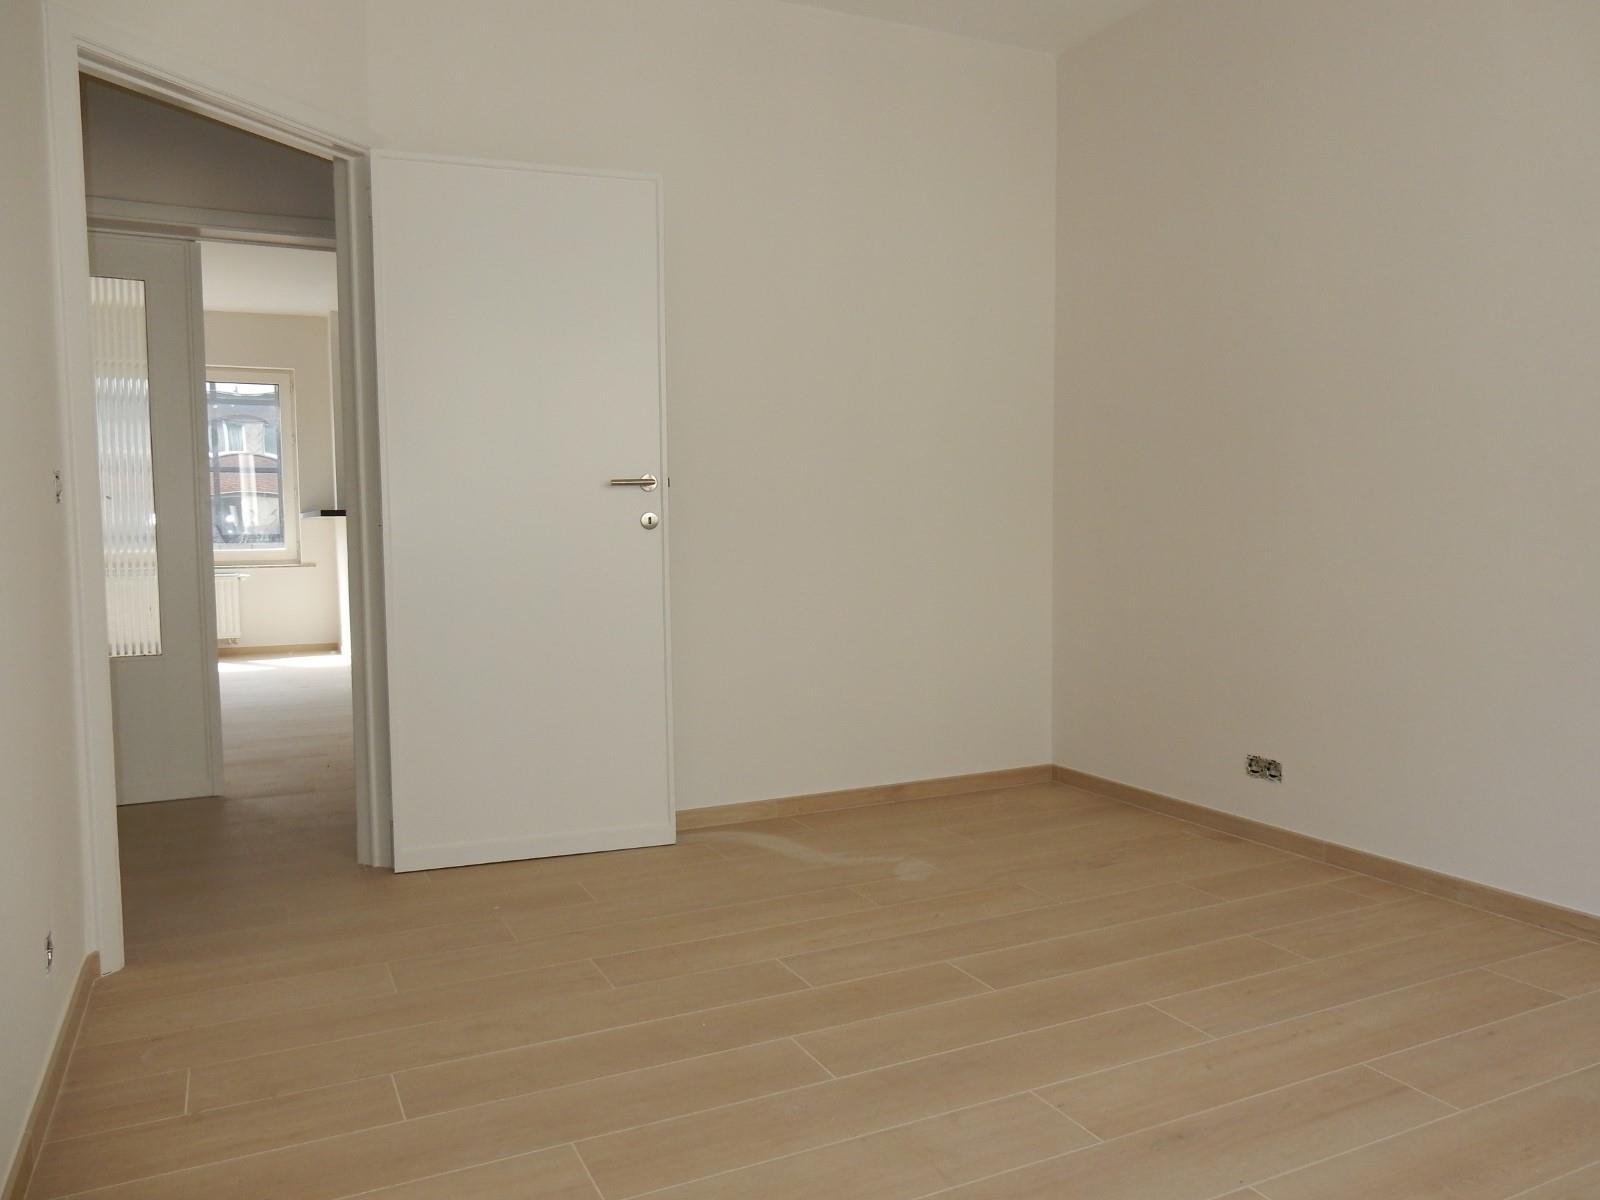 Flat - Schaerbeek - #4199444-9